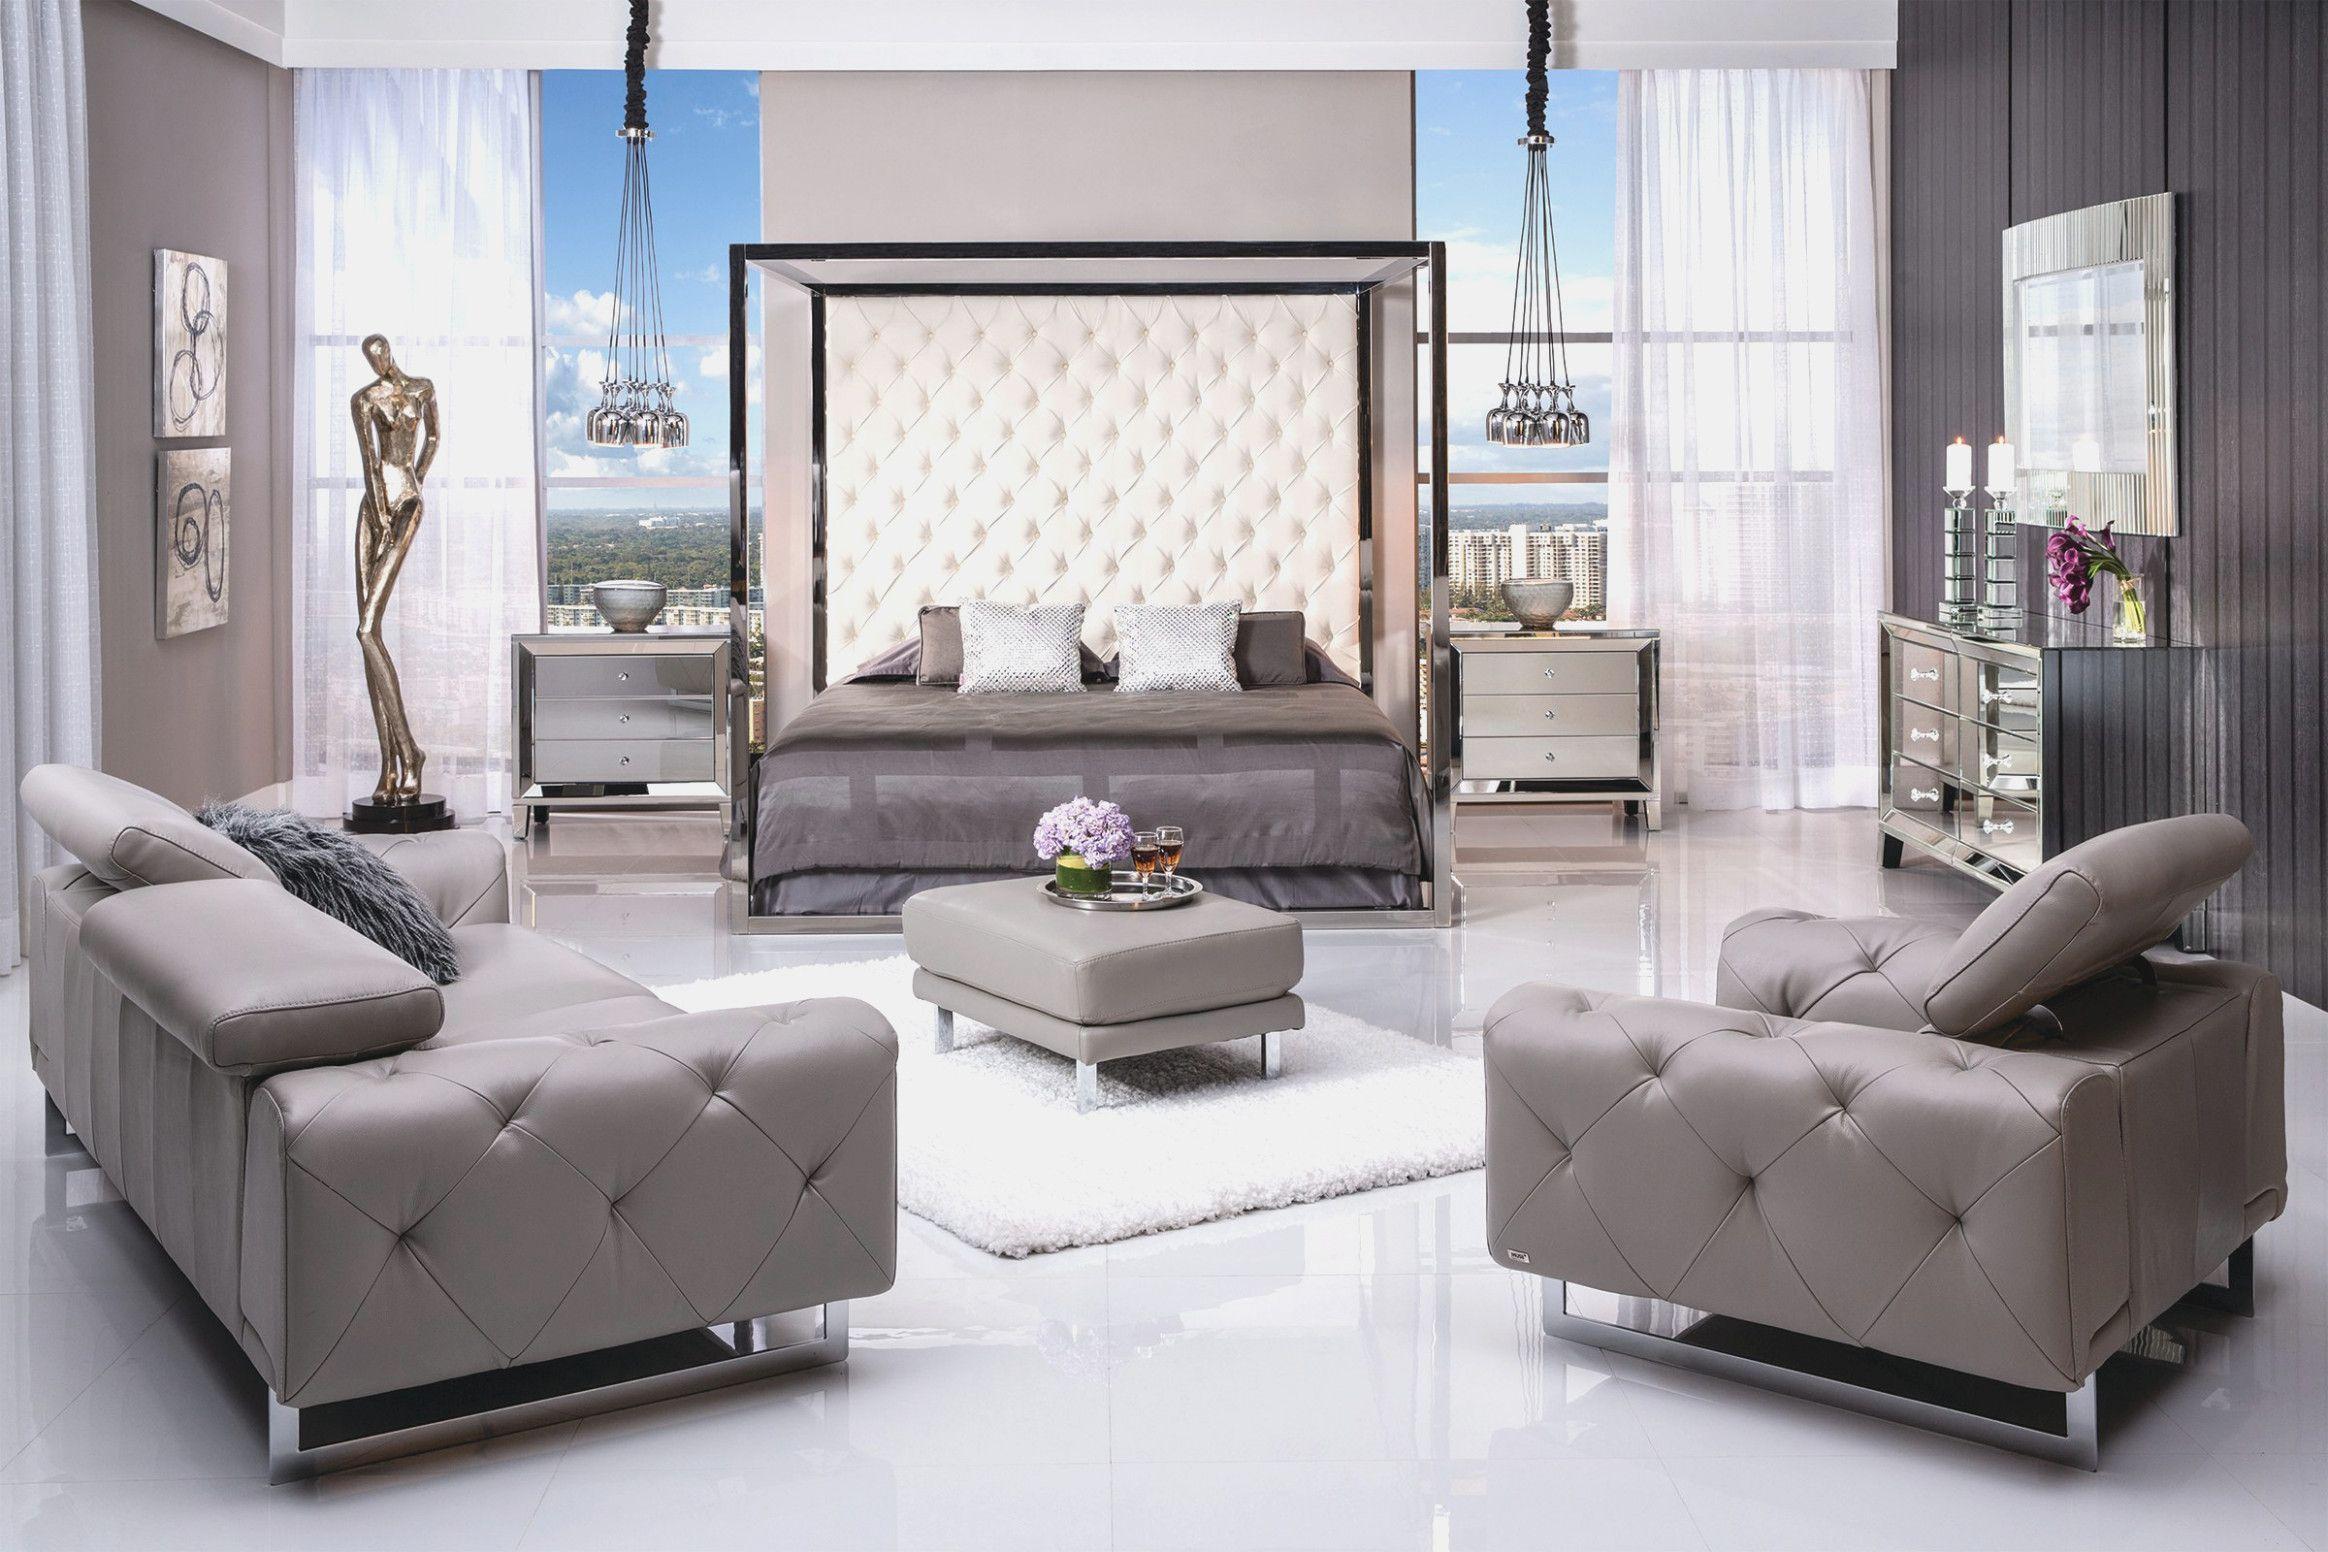 El Dorado Furniture Outlet Living Room Sets Bedroom Furniture Sets Bedroom Design